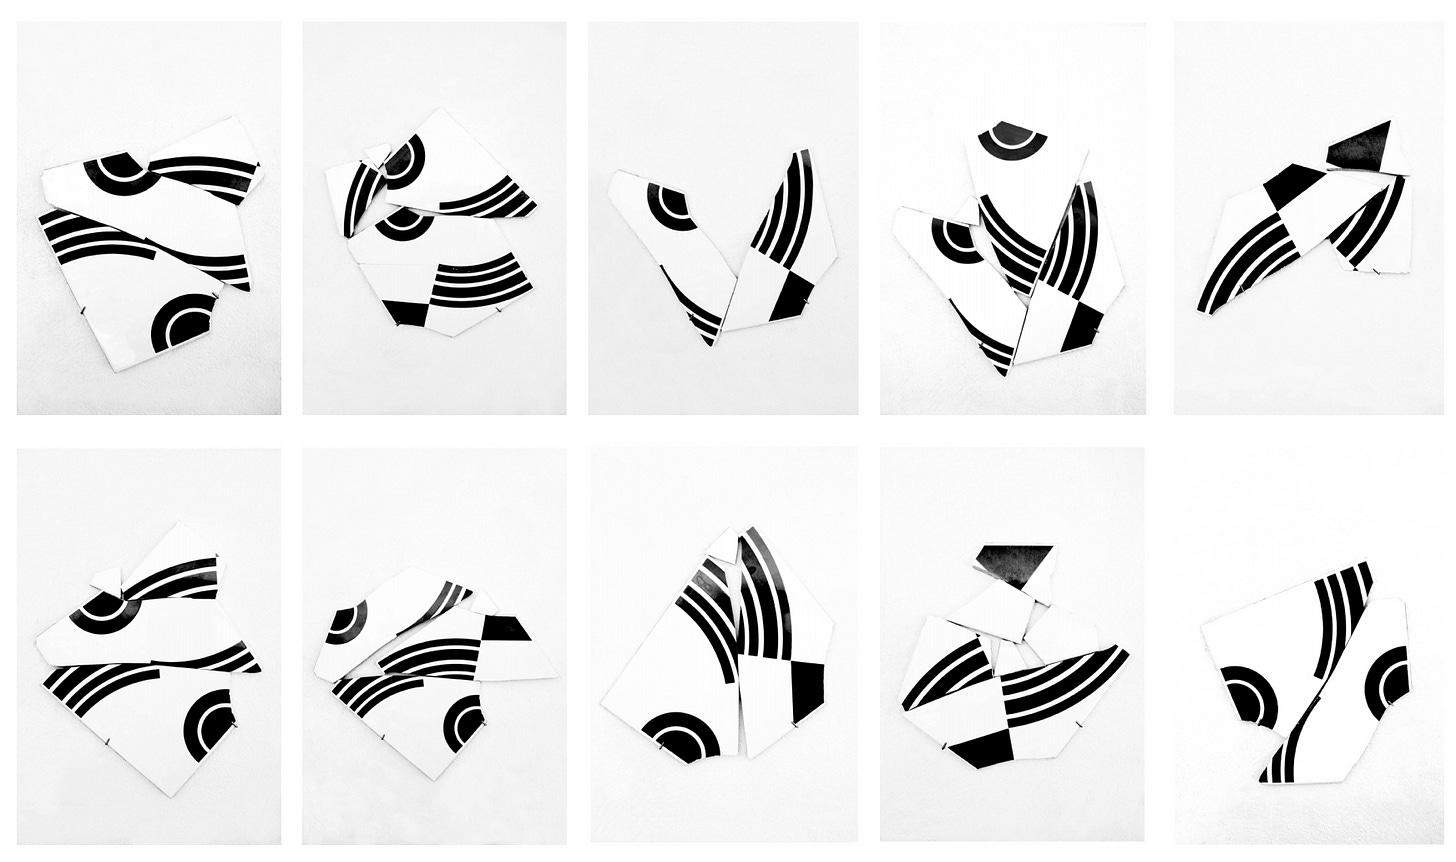 Uma sequência de dez fotografias onde os mesmos pedaços de azulejos se combinam em formas diferentes